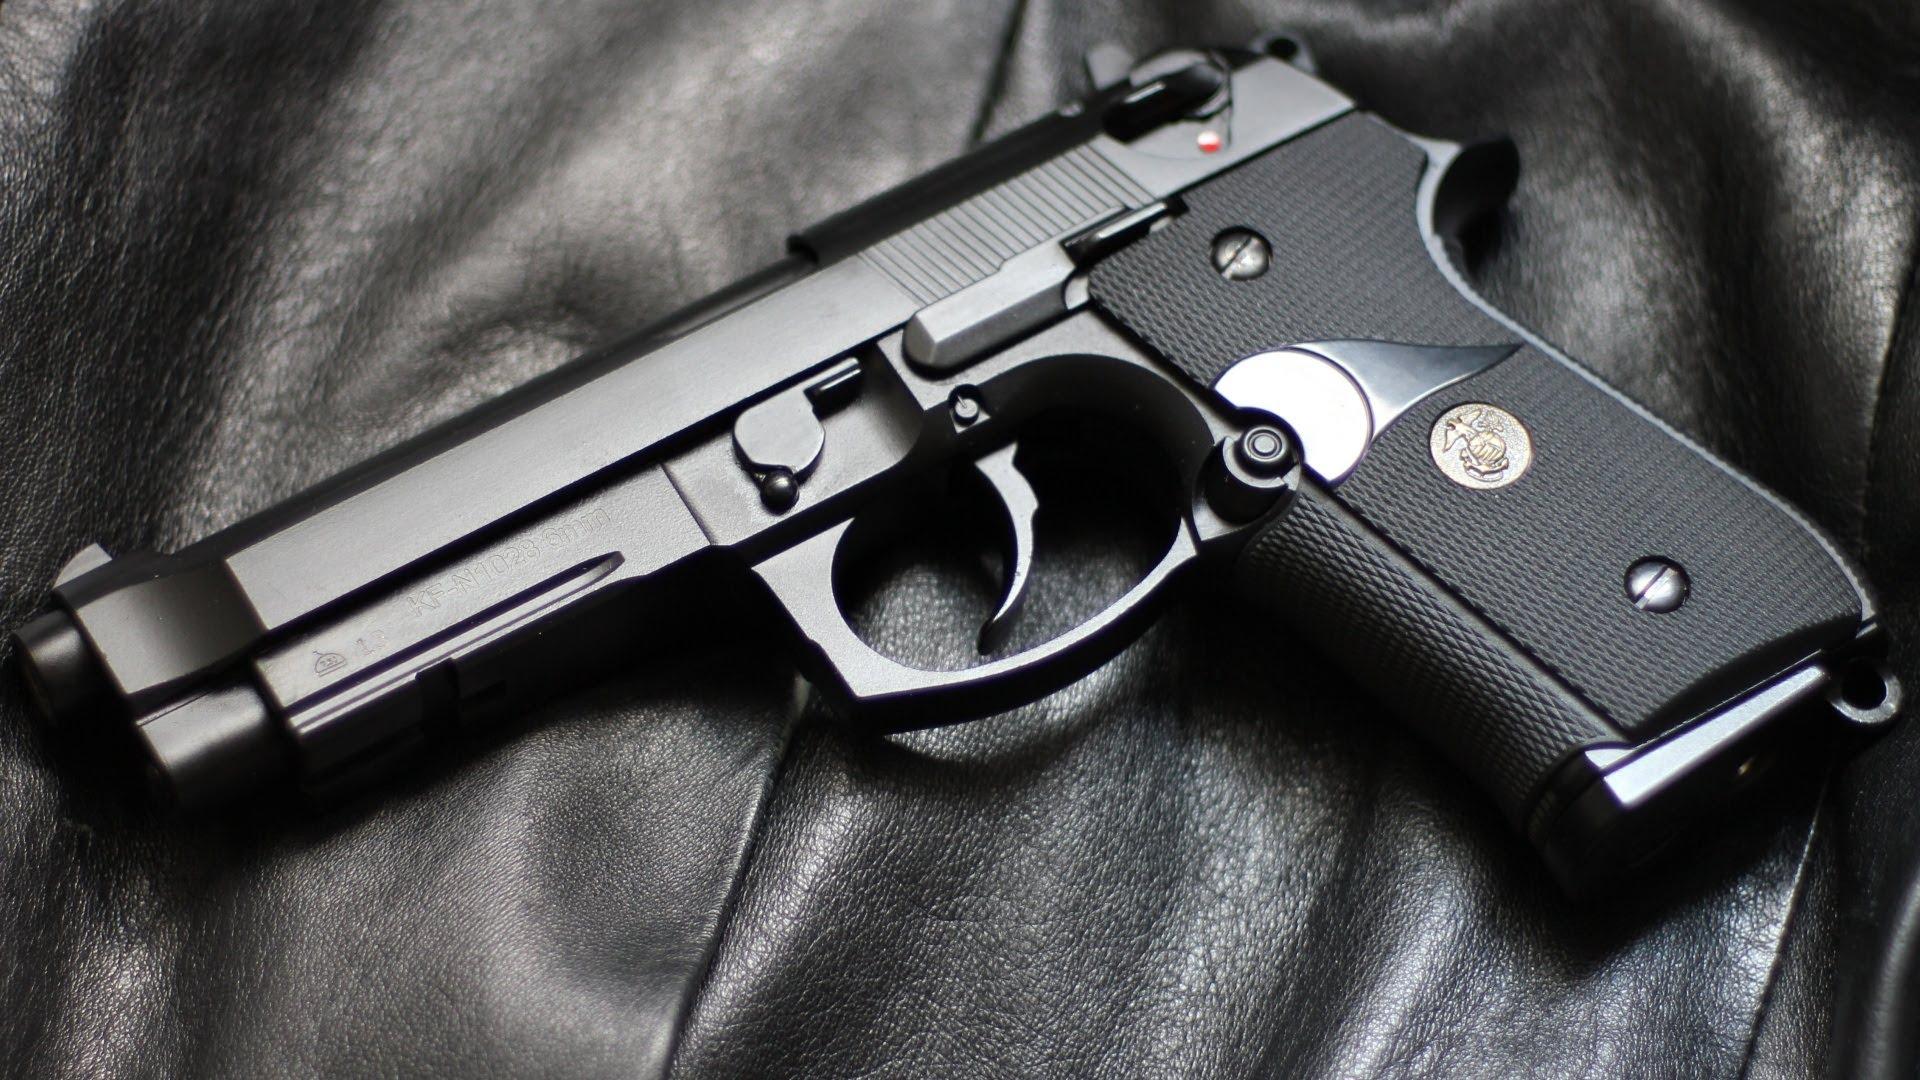 Beretta 92fs Hd Wallpaper